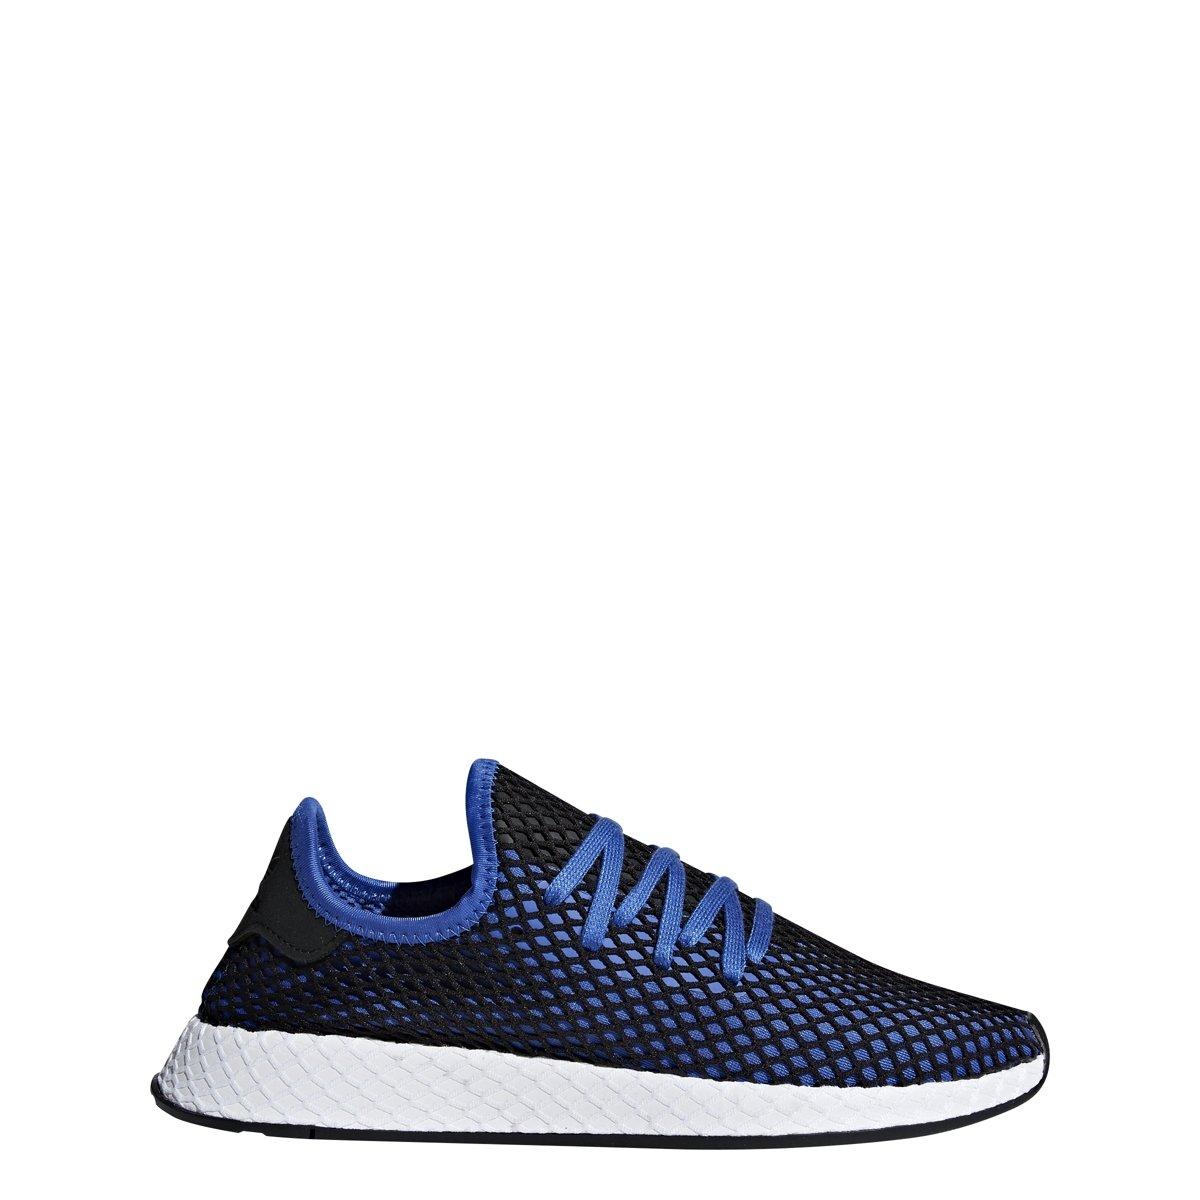 adidas Originals Deerupt Runner Shoe Men's Casual 8.5 Hi Res Blue-Black